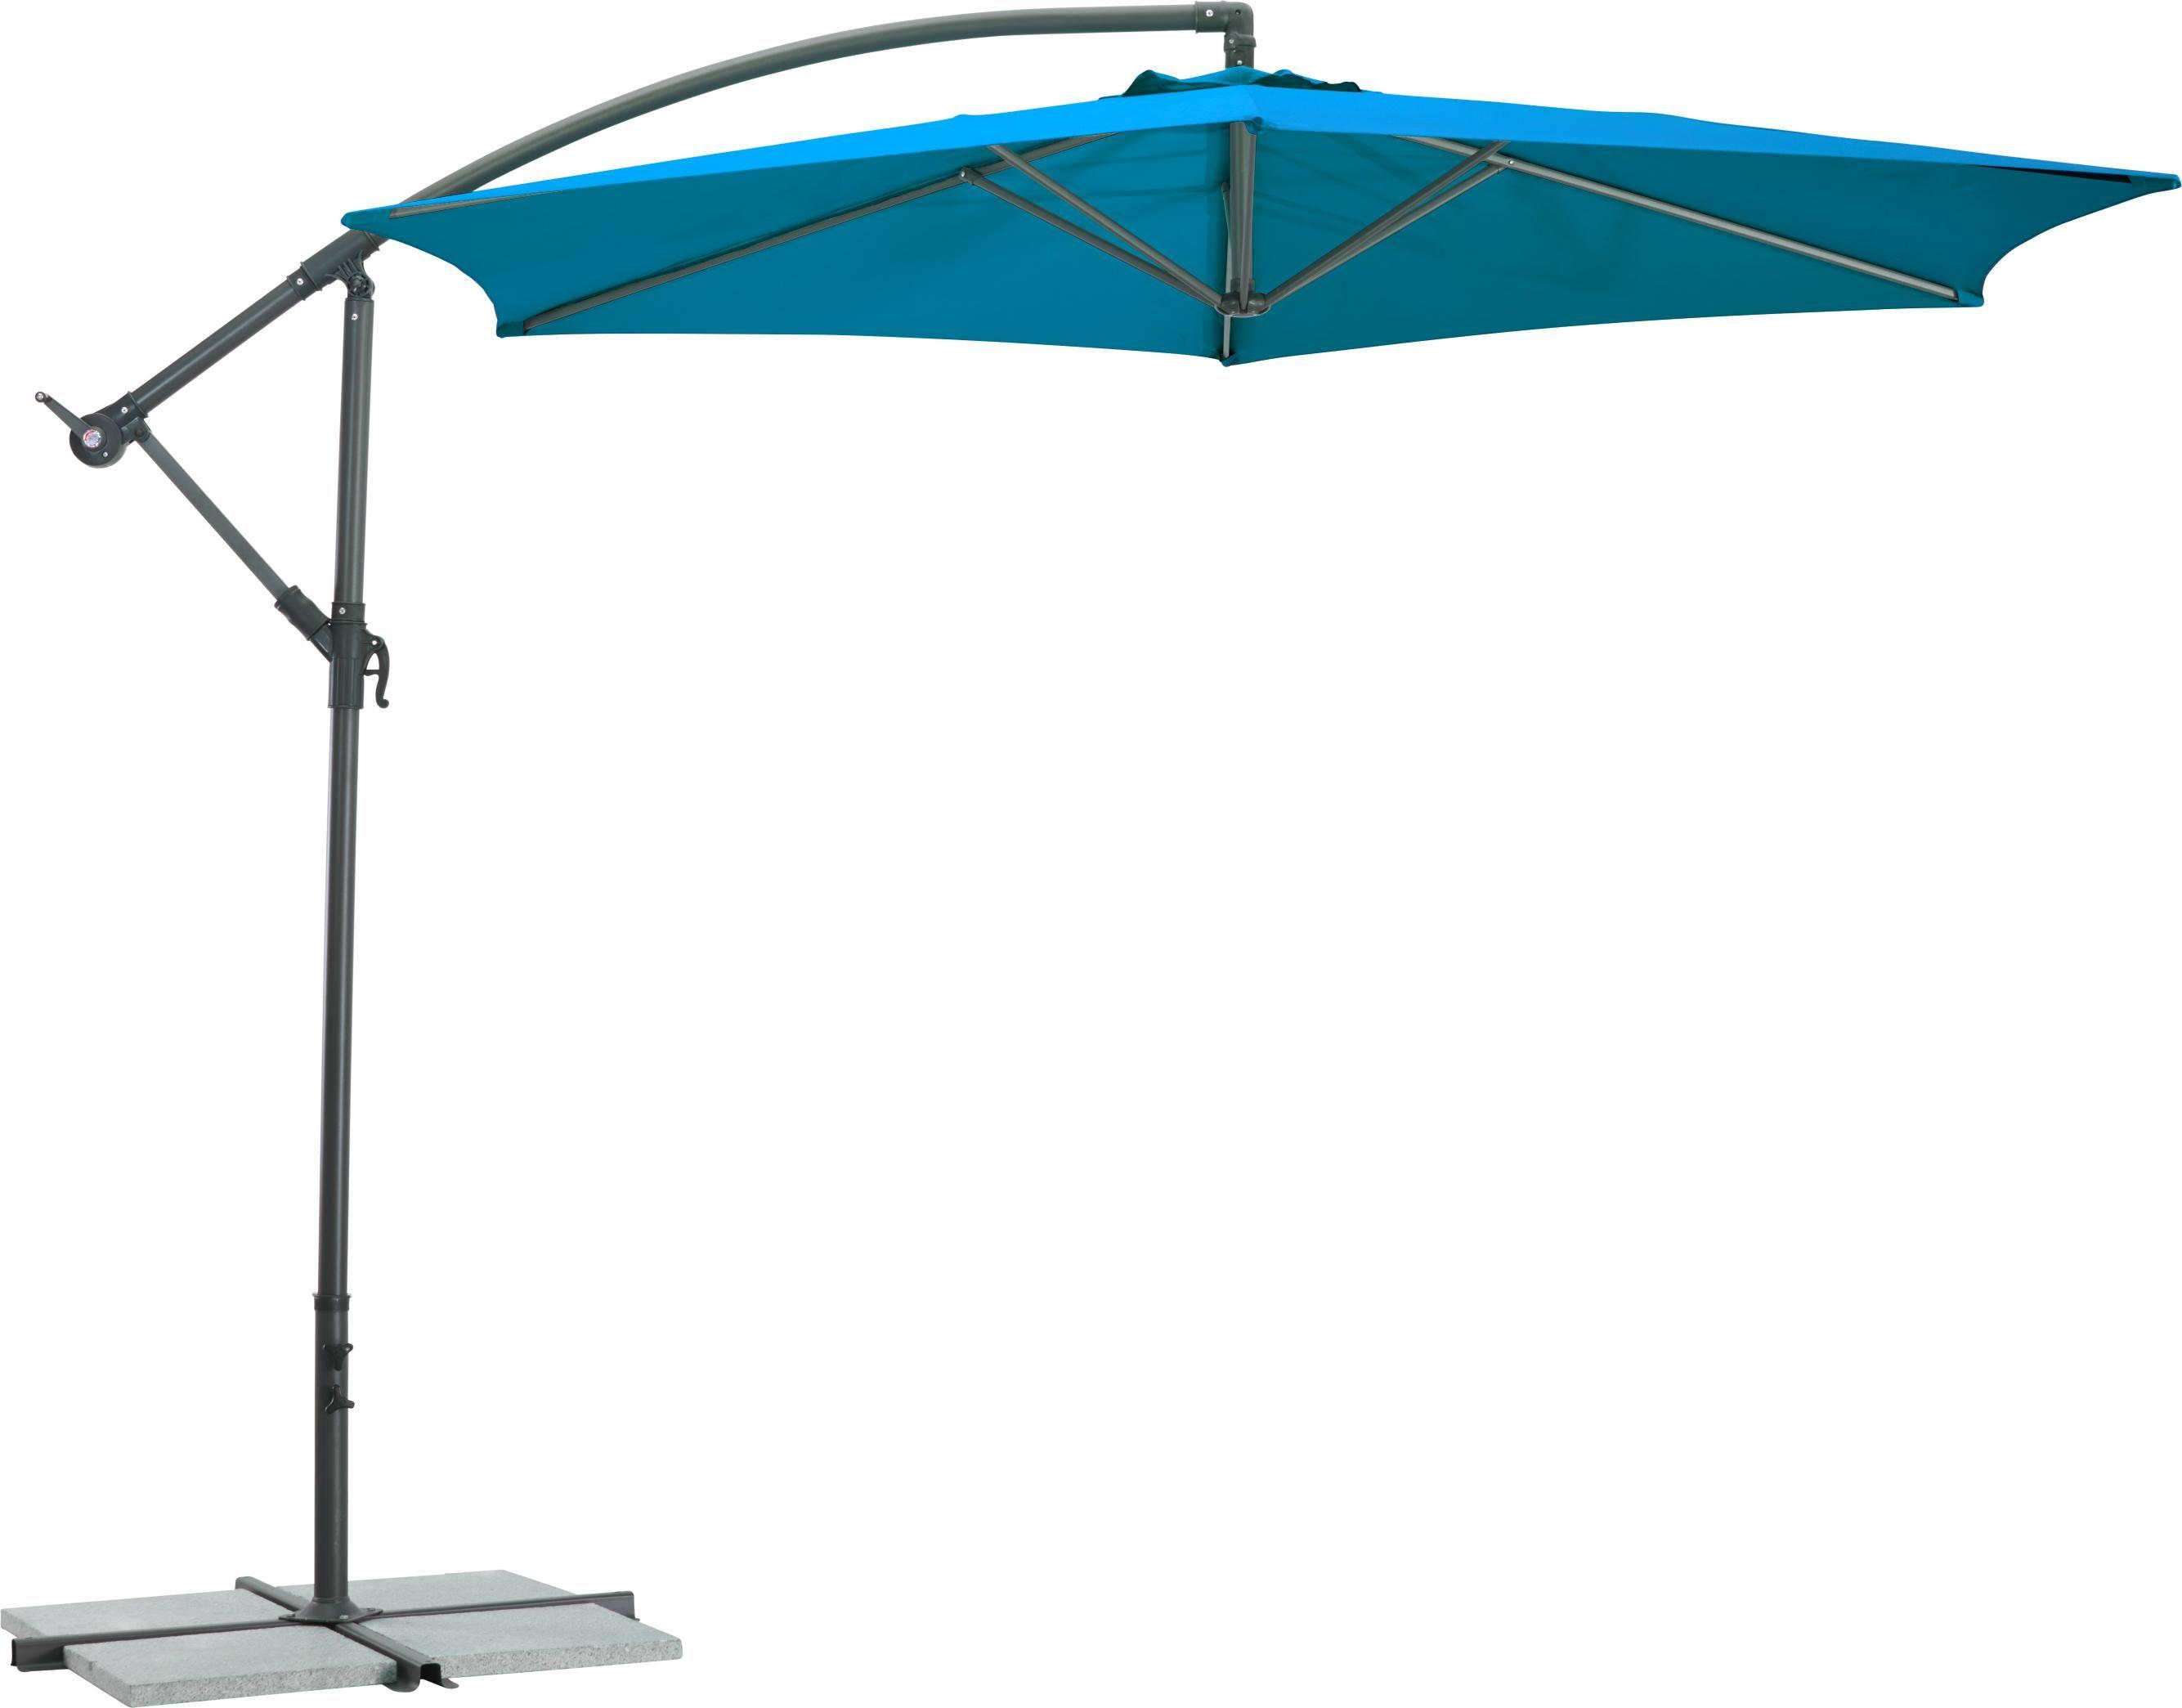 Blauer Ampelschirm Sonnenschirm für schattige Stunden Gartenmöbel